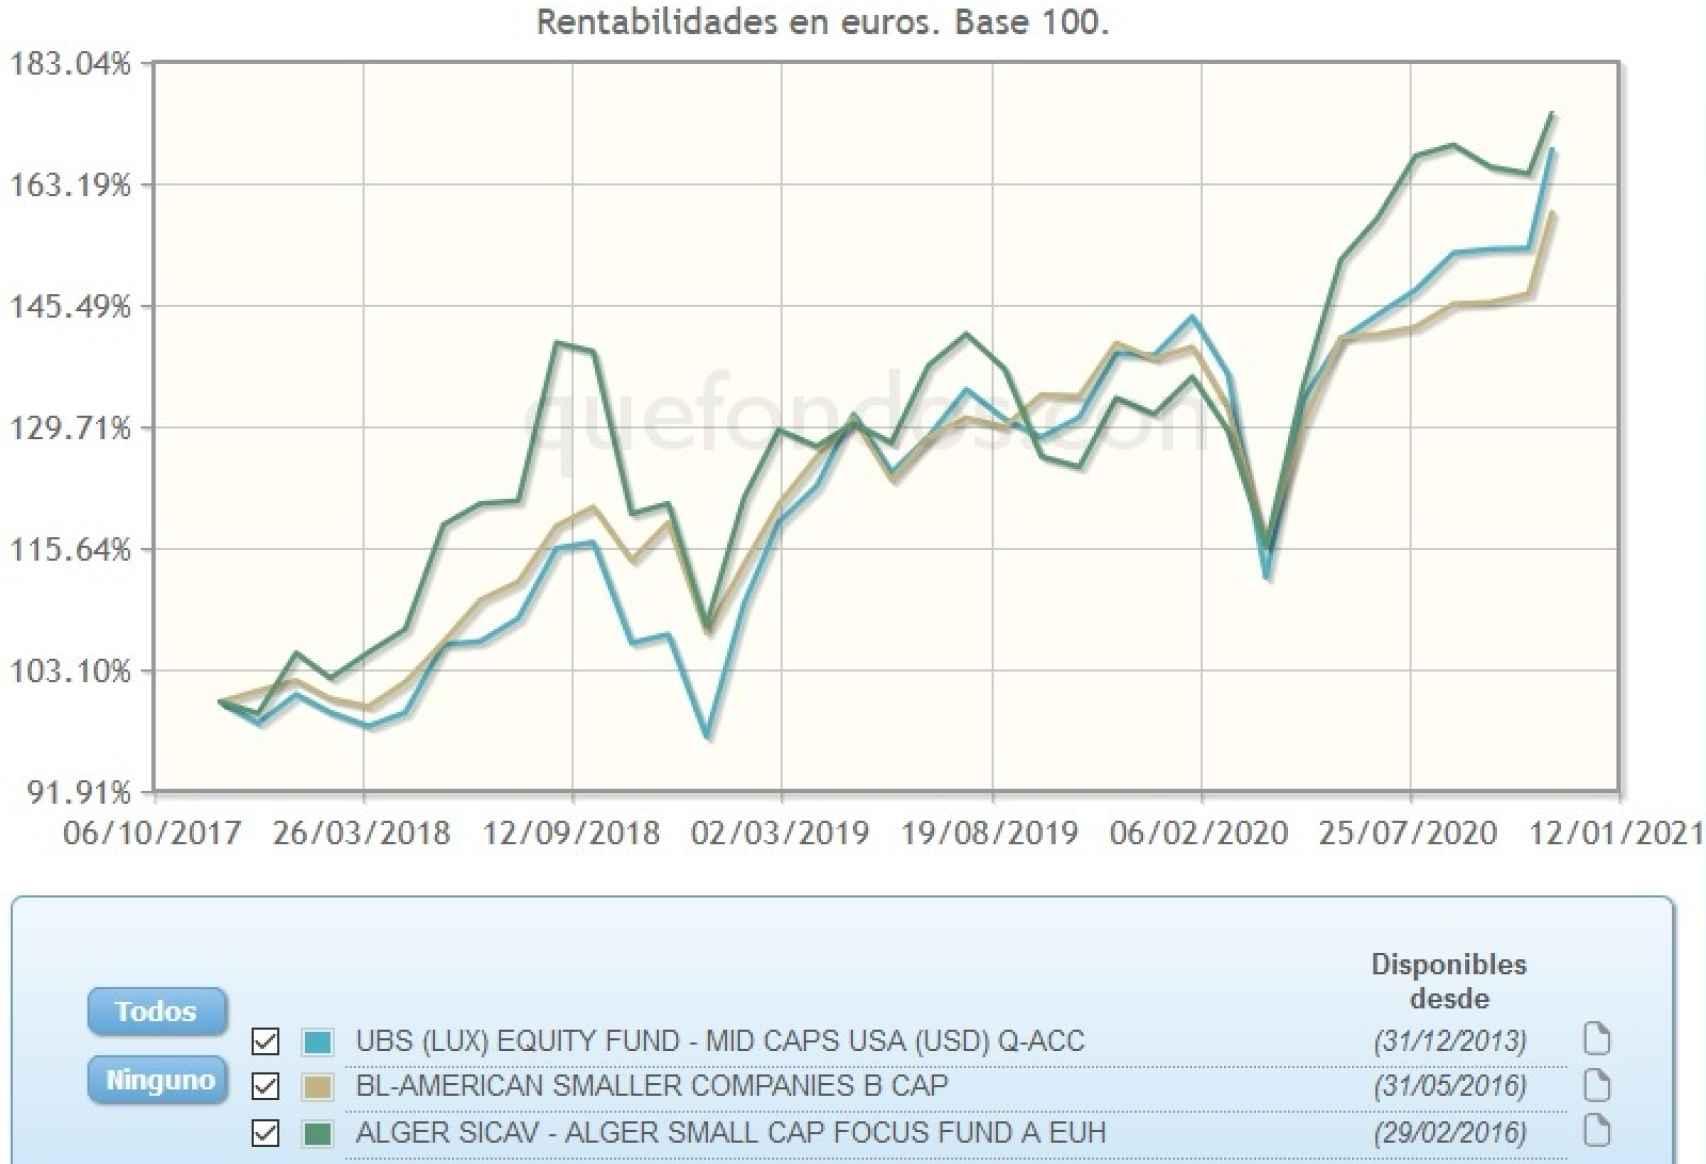 Evolución comparativa de fondos de inversión de pequeñas cotizadas estadounidenses.